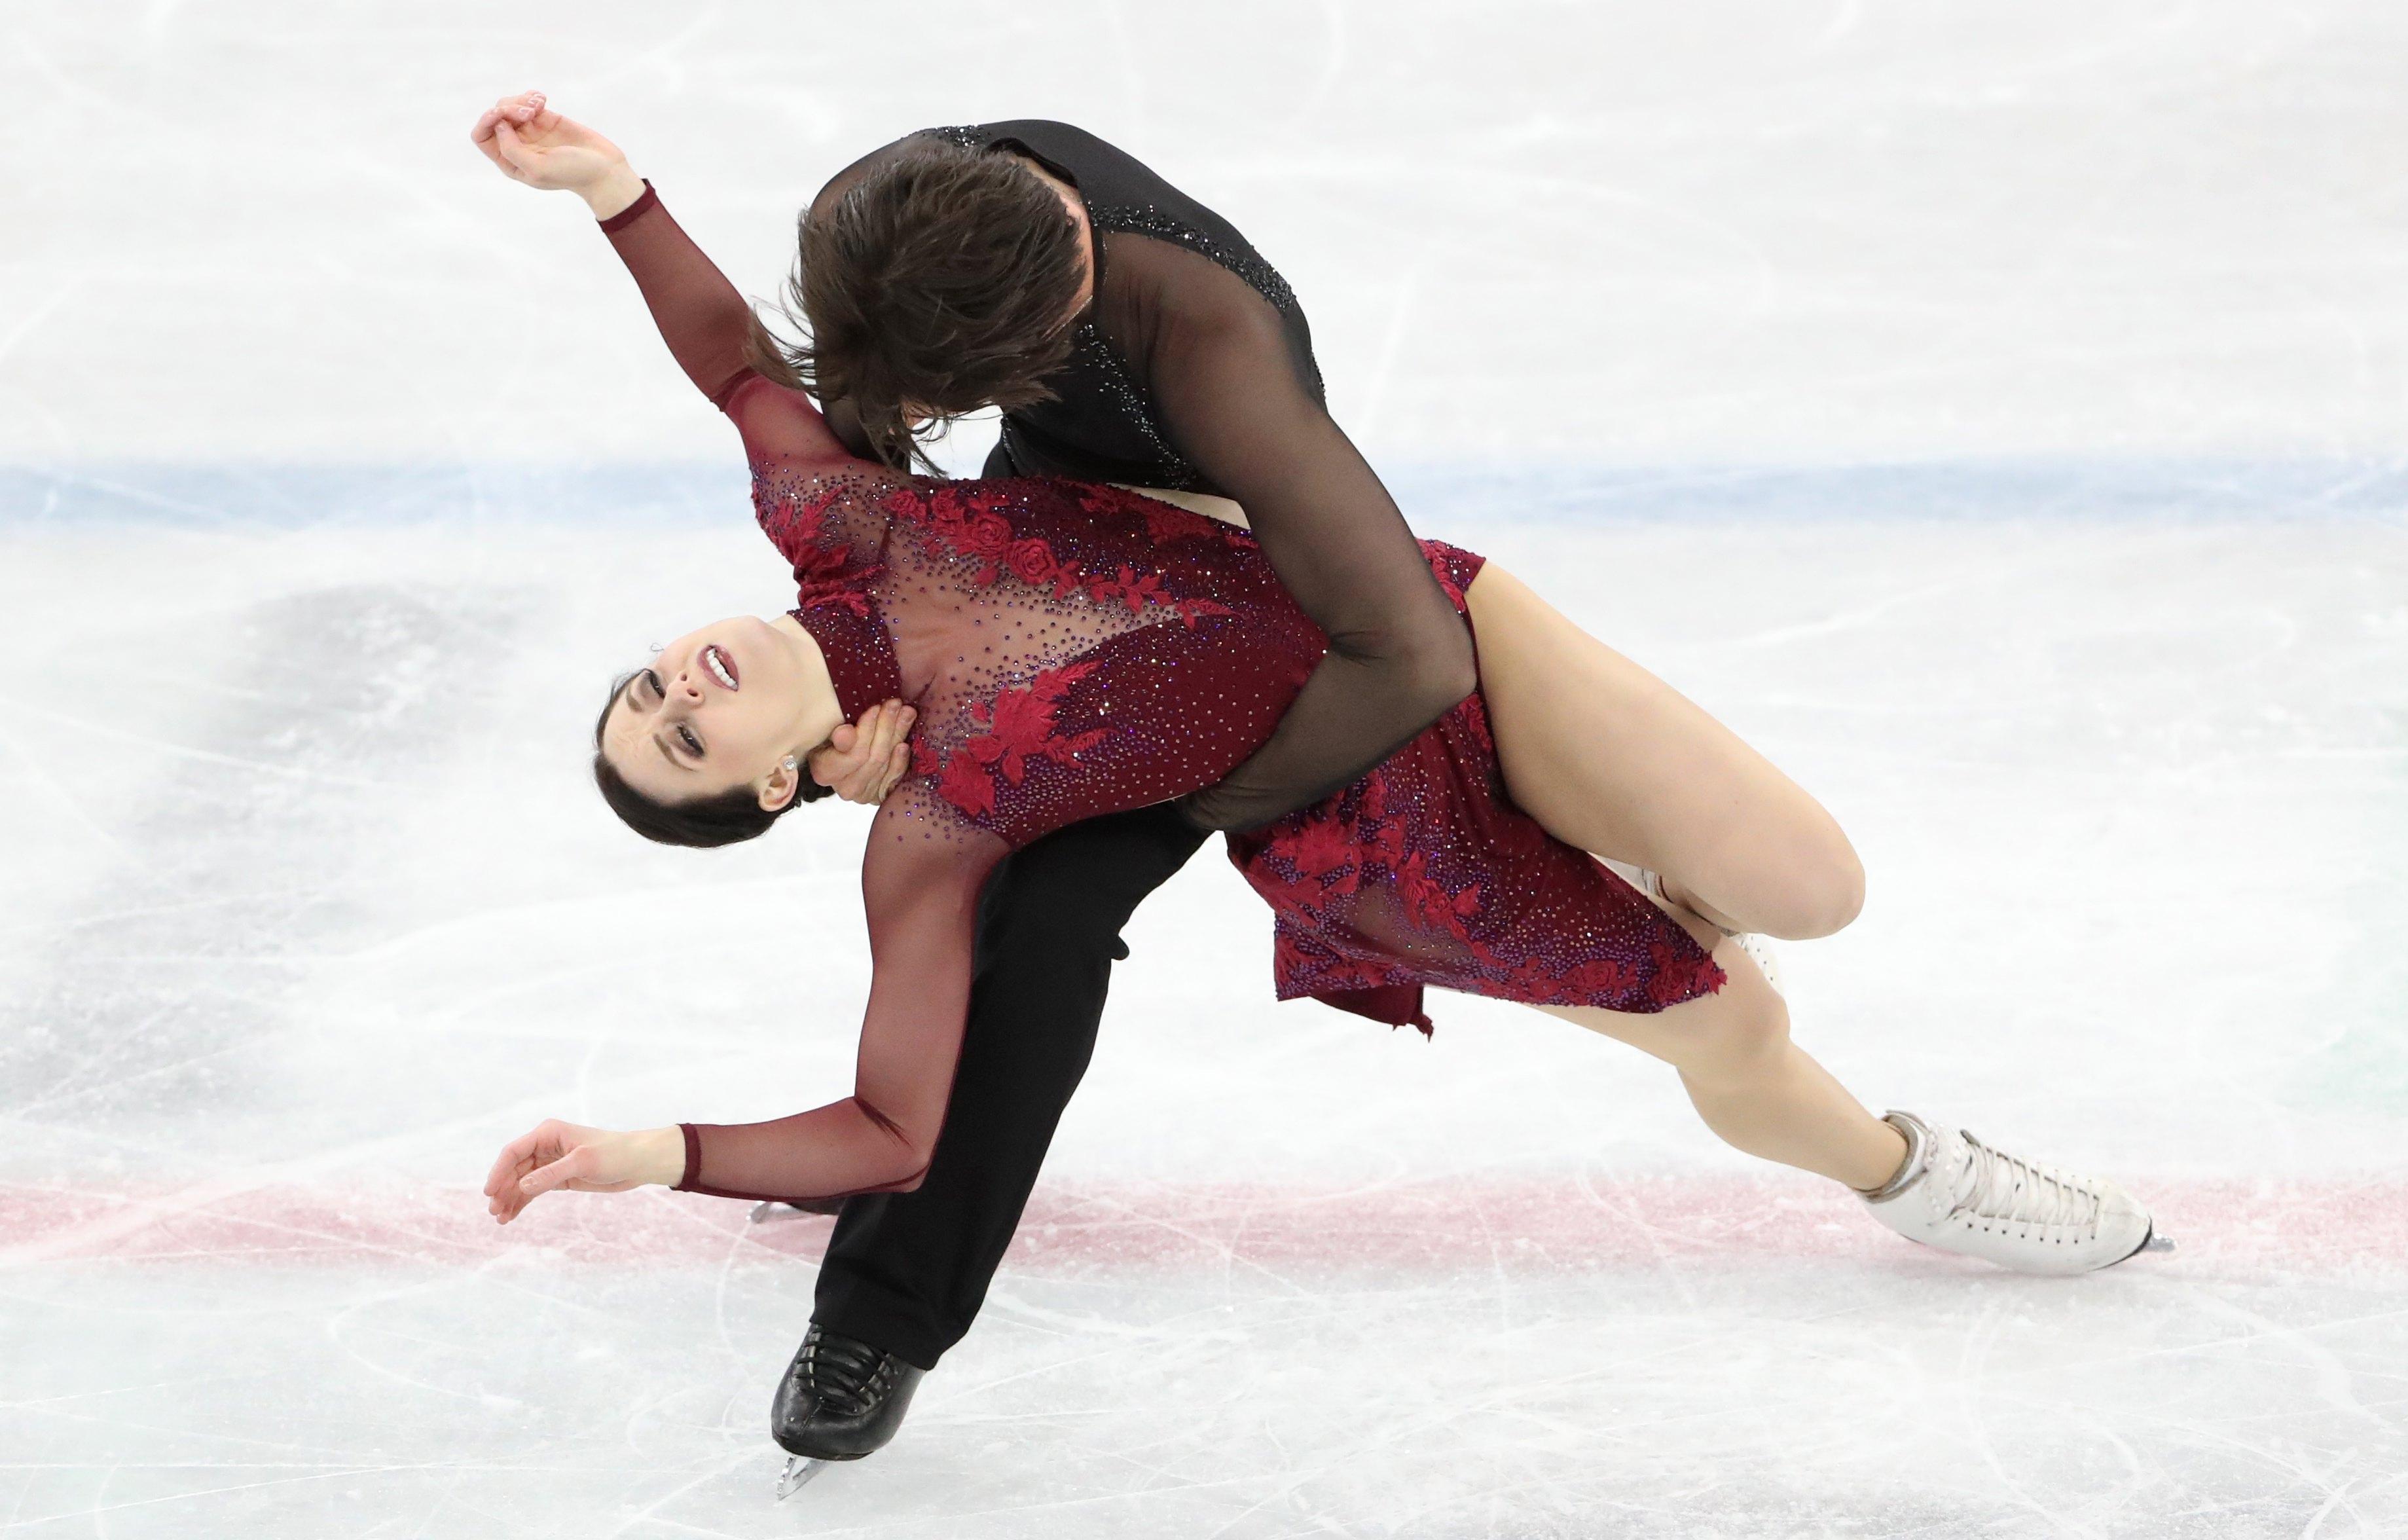 Tessa Virtue e Scott Moir do Canadá, competição de Dança Livre no Gelo, Jogos Olímpicos PyeongChang 2018, Coréia do Sul. EPA / TATYANA ZENKOVICH